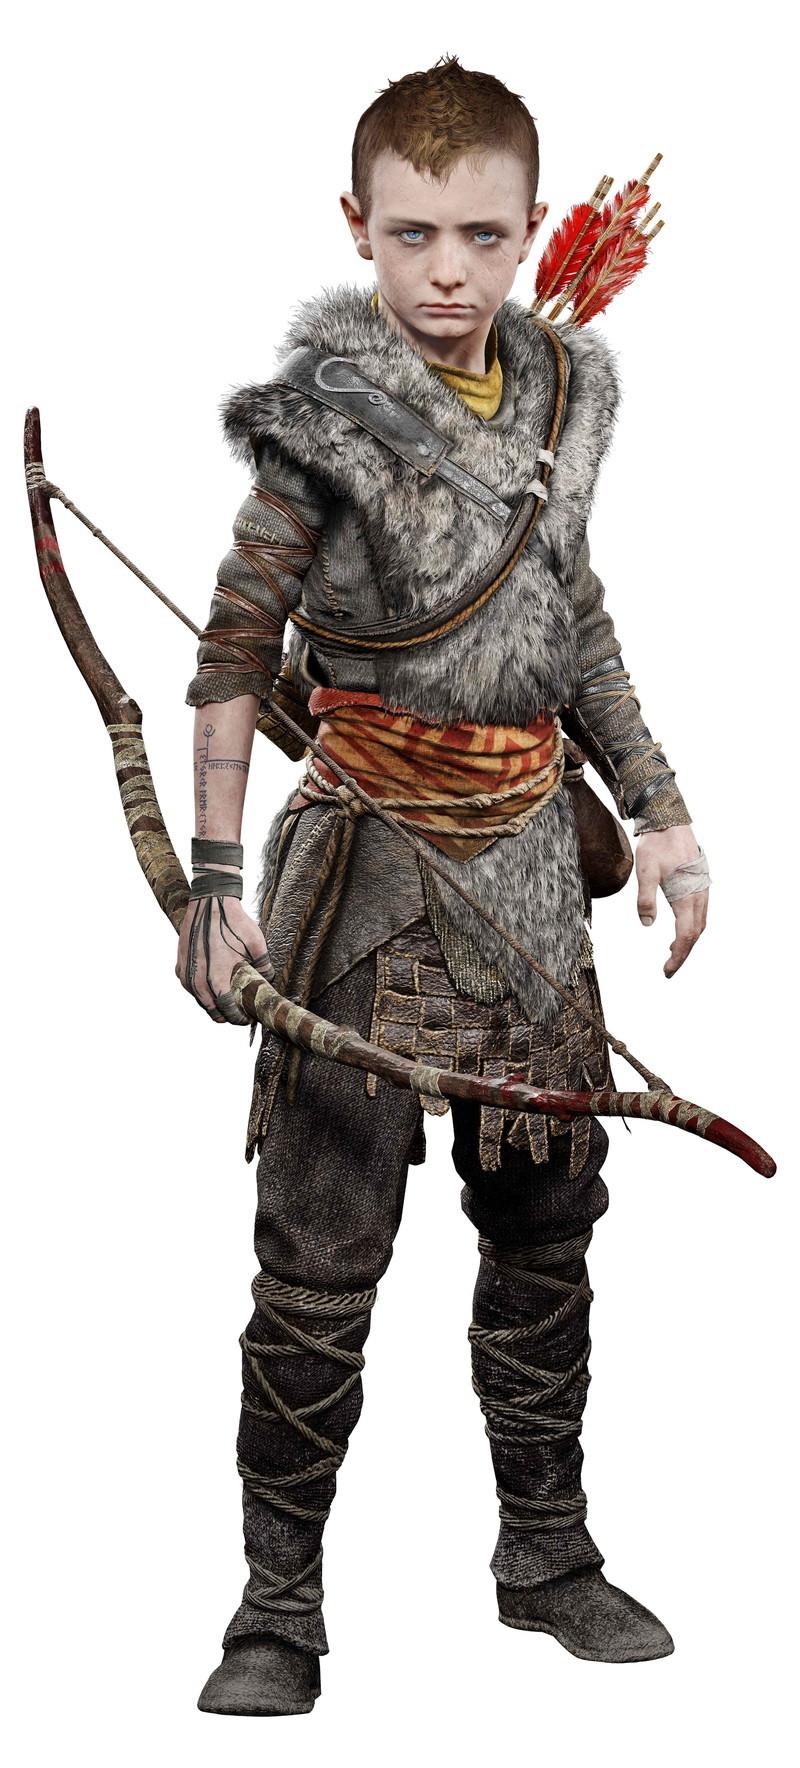 弓矢で援護をしてくれる「アトレウス」